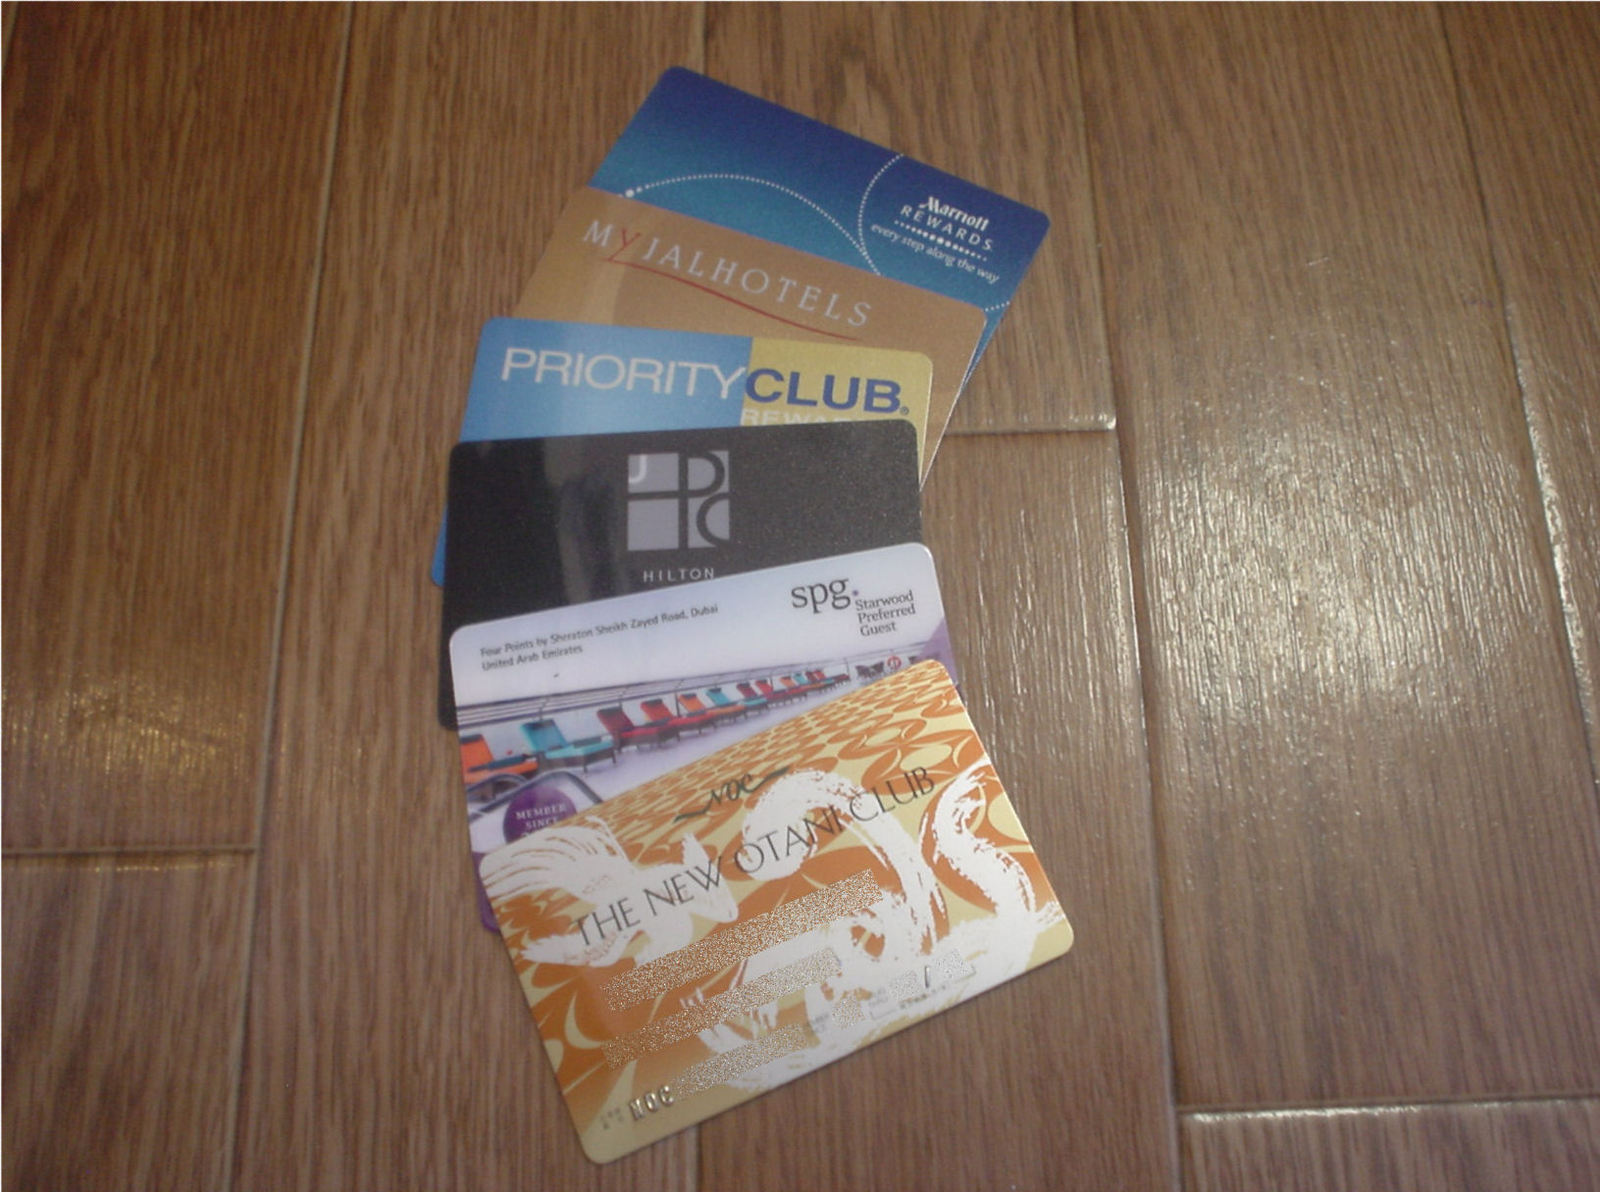 ホテル系カードのコレクション?